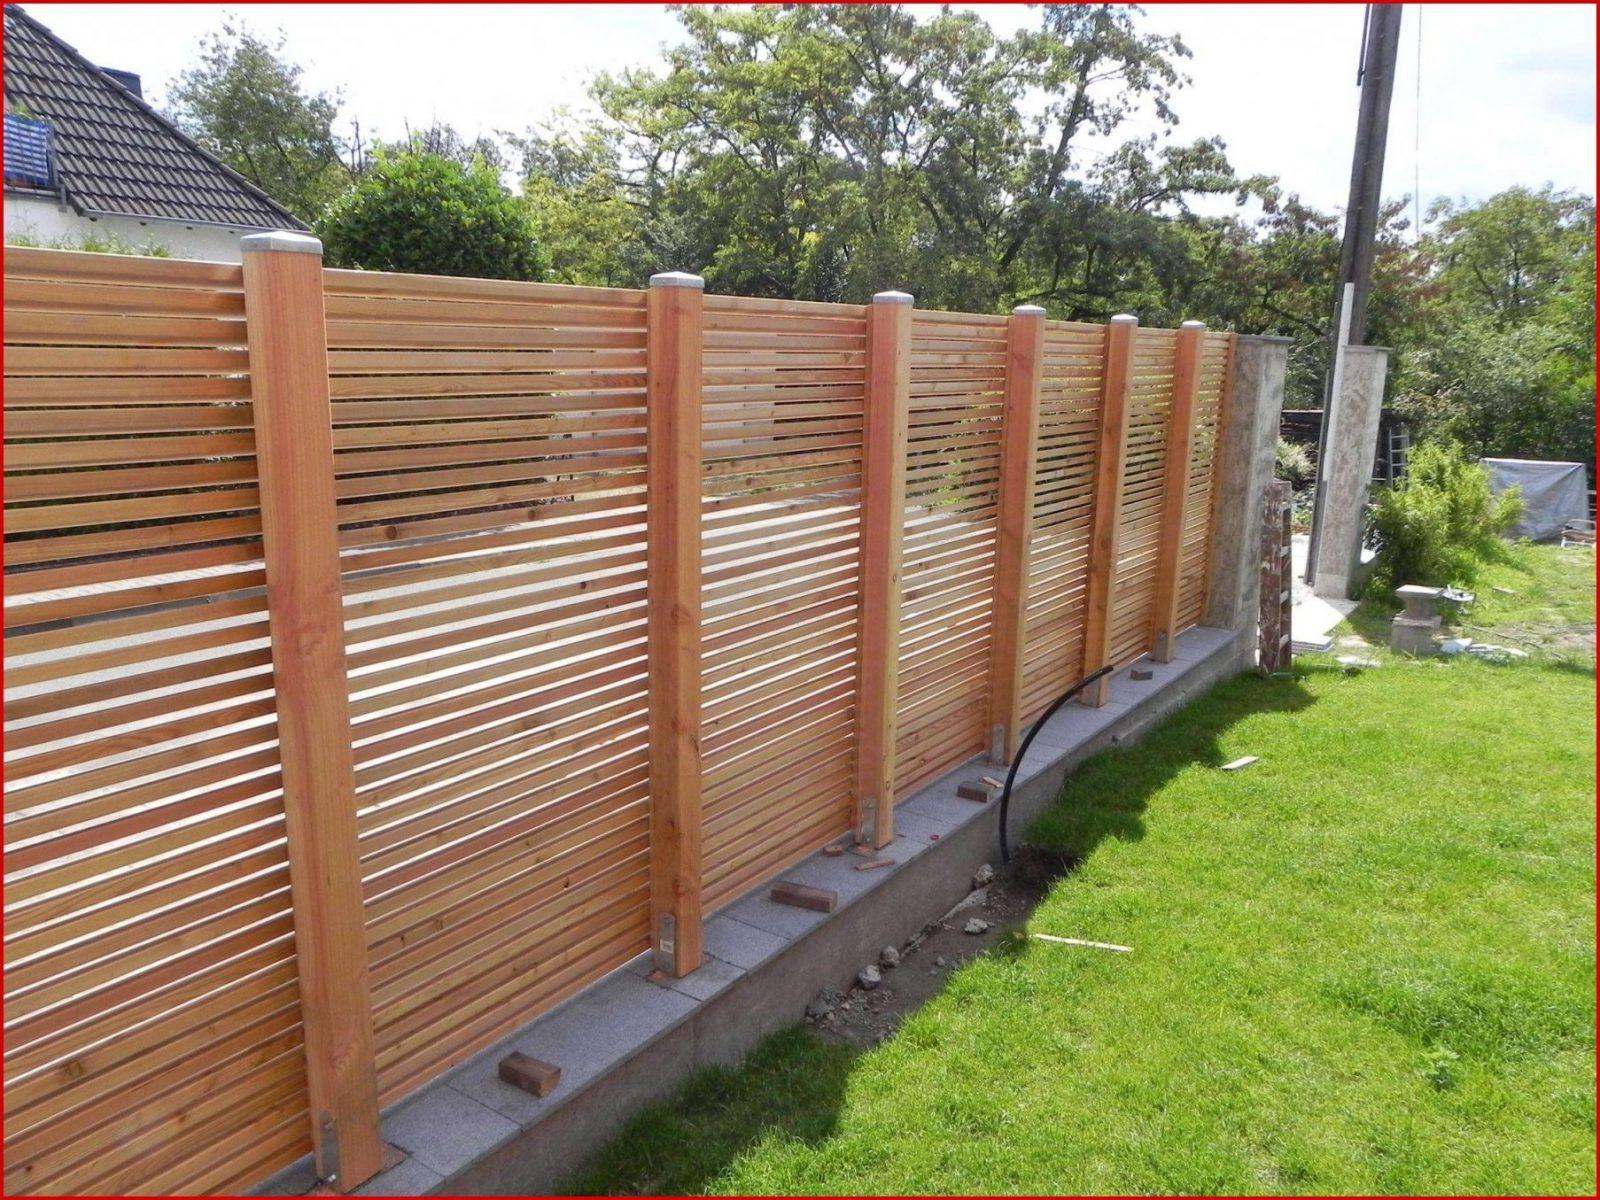 42 Frisch Zaun Selber Bauen Holz Foto  Komplette Ideen Privatsphäre von Sichtschutz Lärche Selber Bauen Photo